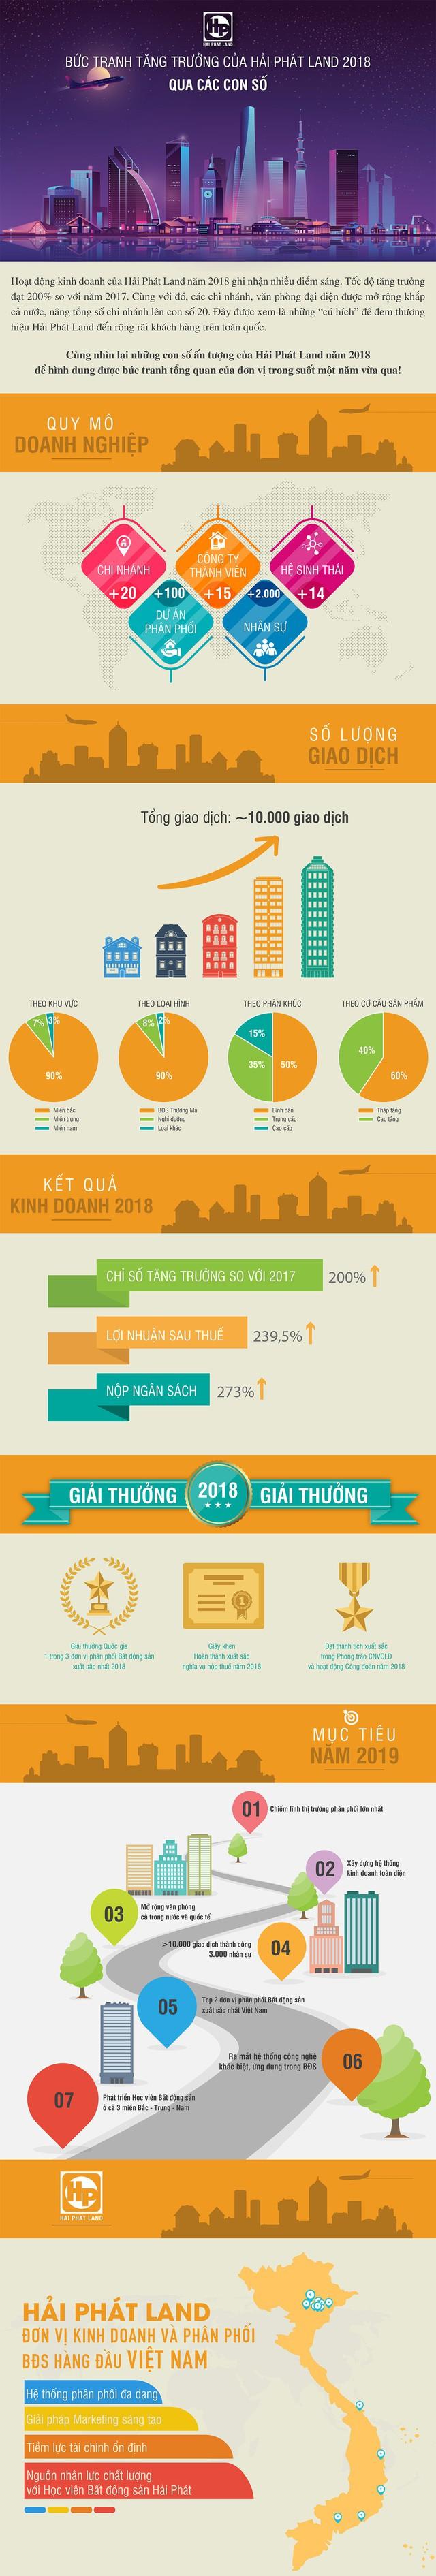 Bức tranh tăng trưởng của Hải Phát Land 2018 qua các con số - Ảnh 1.